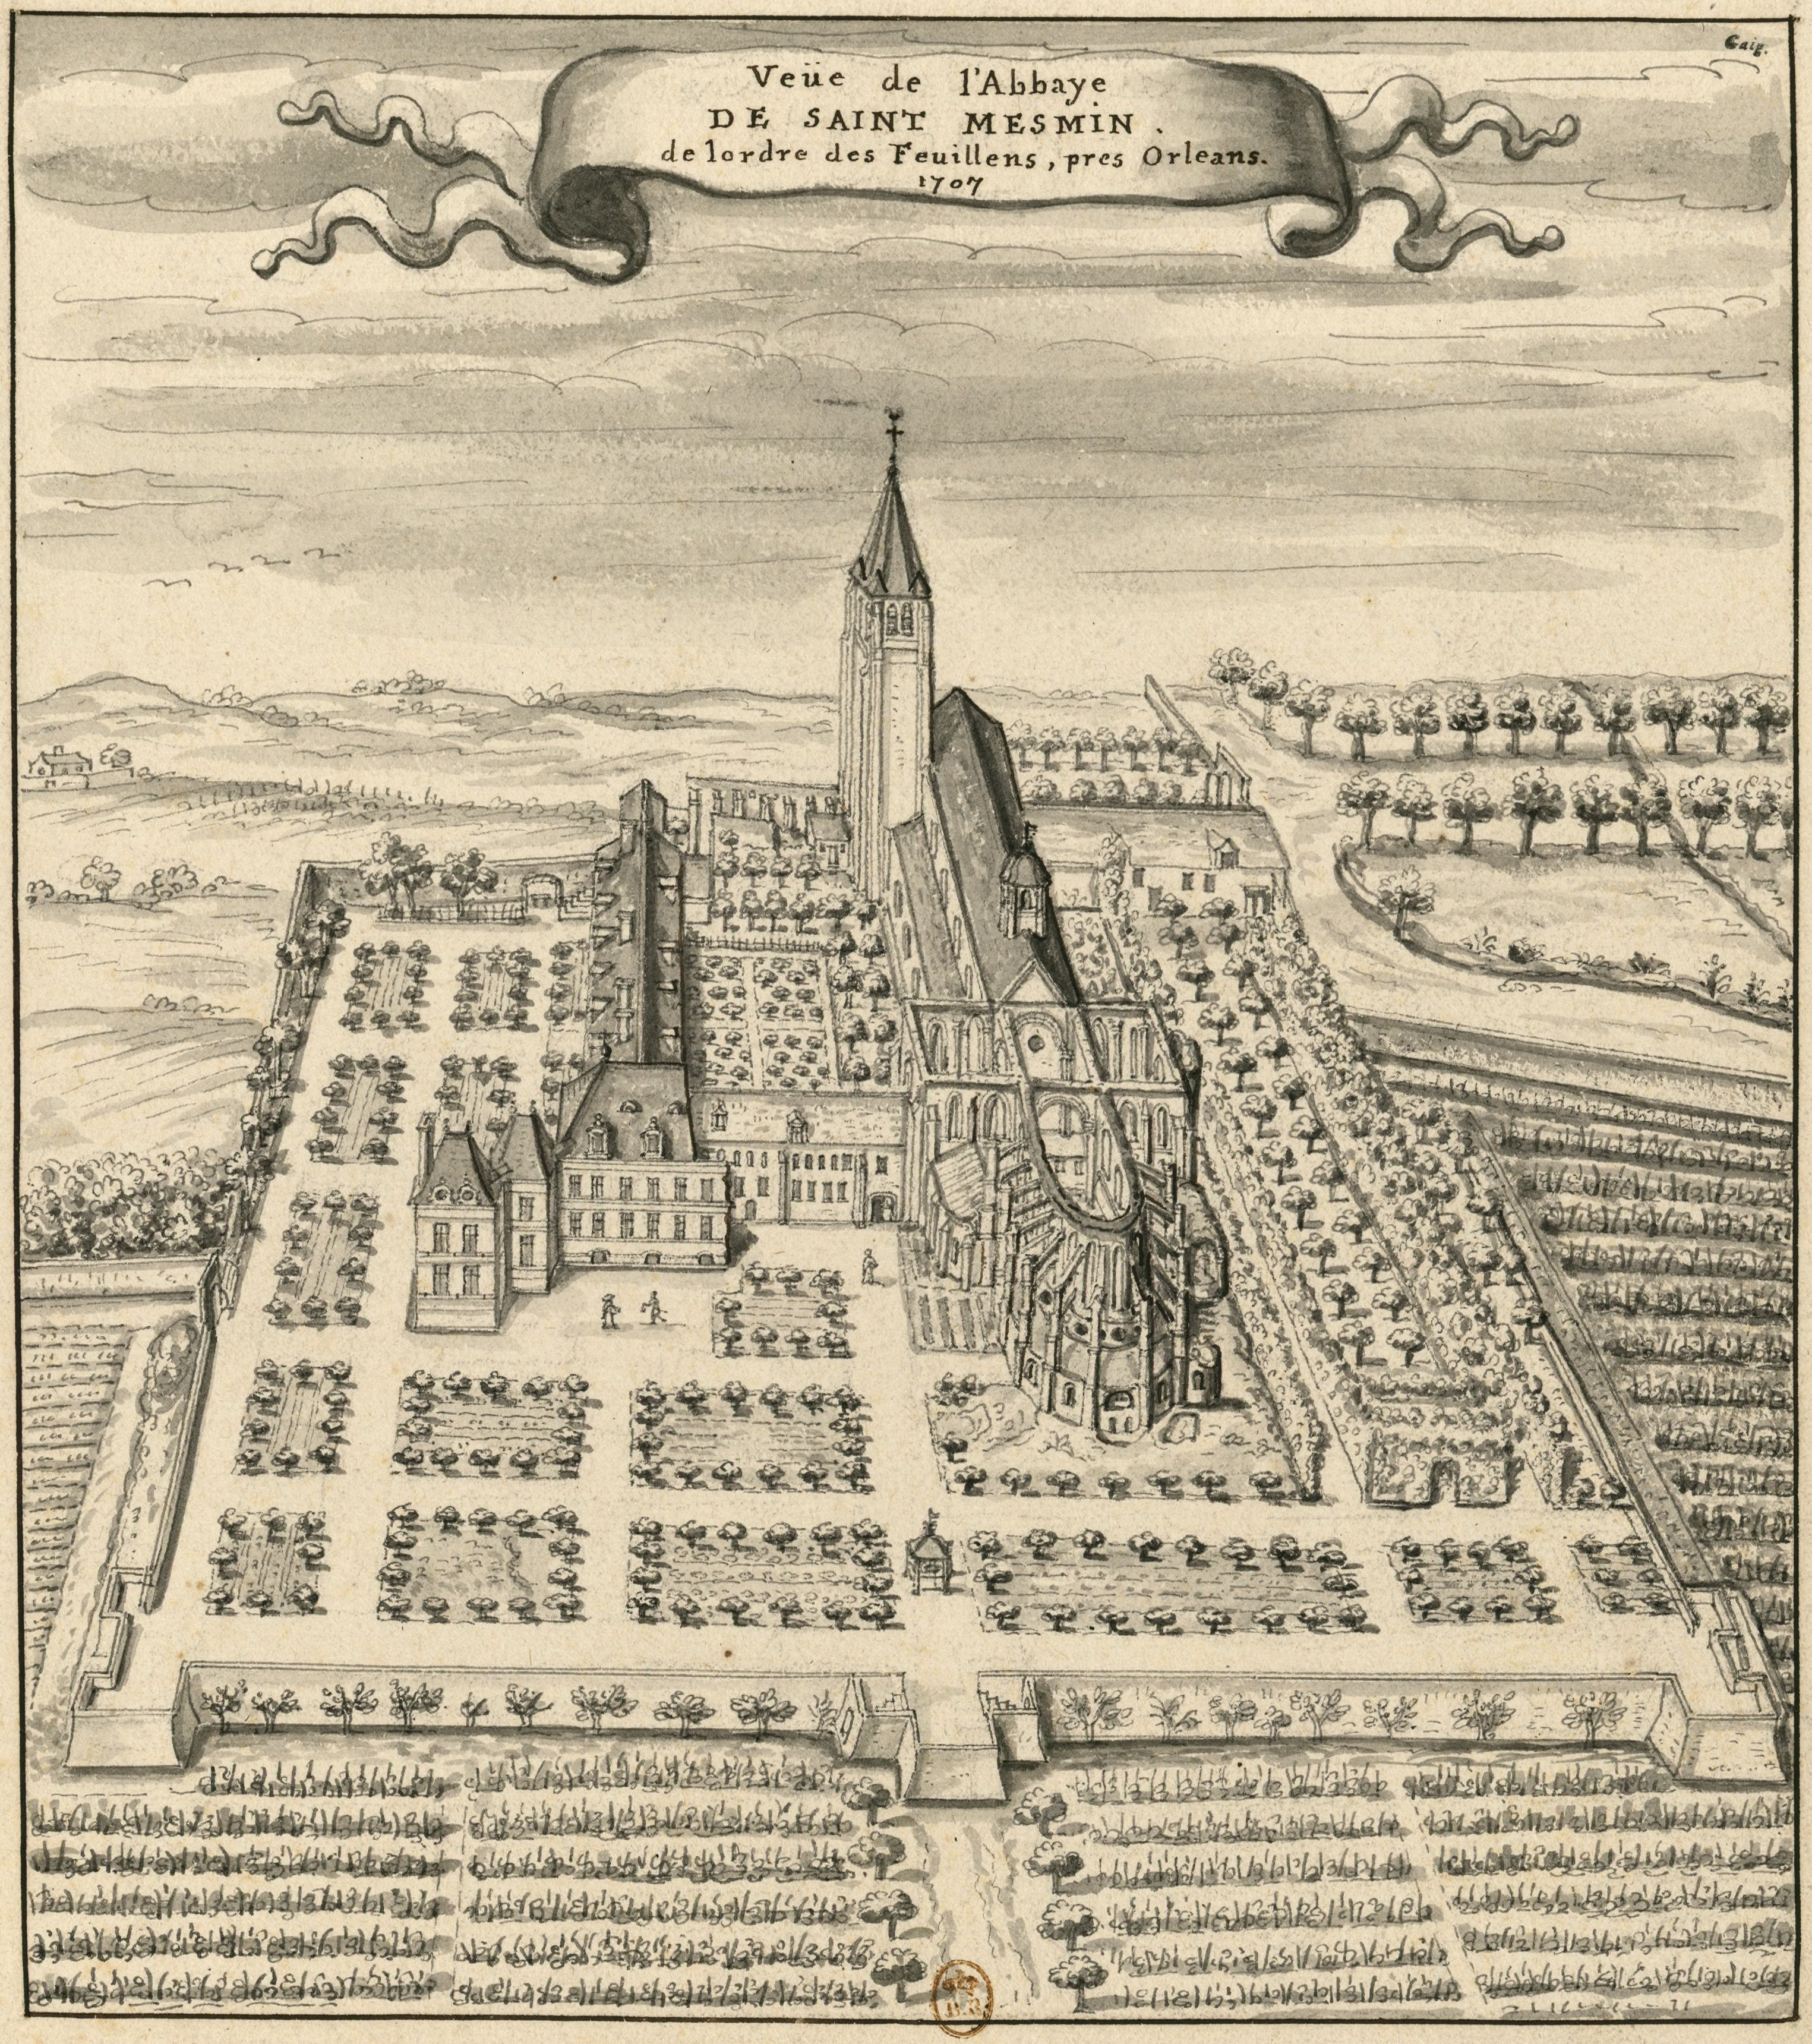 Abbaye_de_Saint-Mesmin_1707_dessin_Louis